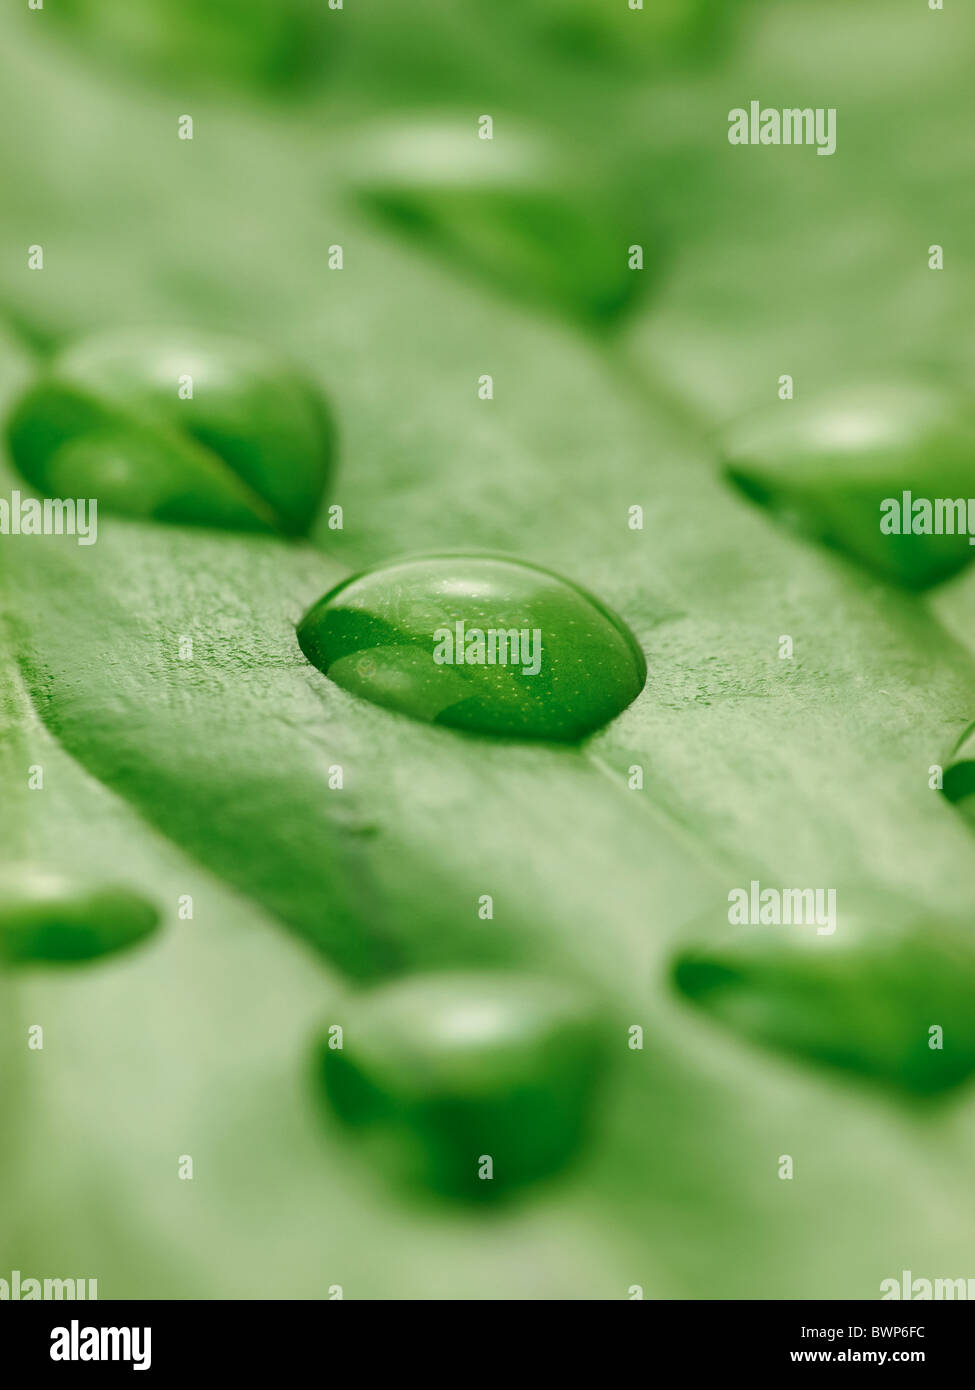 Gouttes d'eau sur une feuille close up Photo Stock